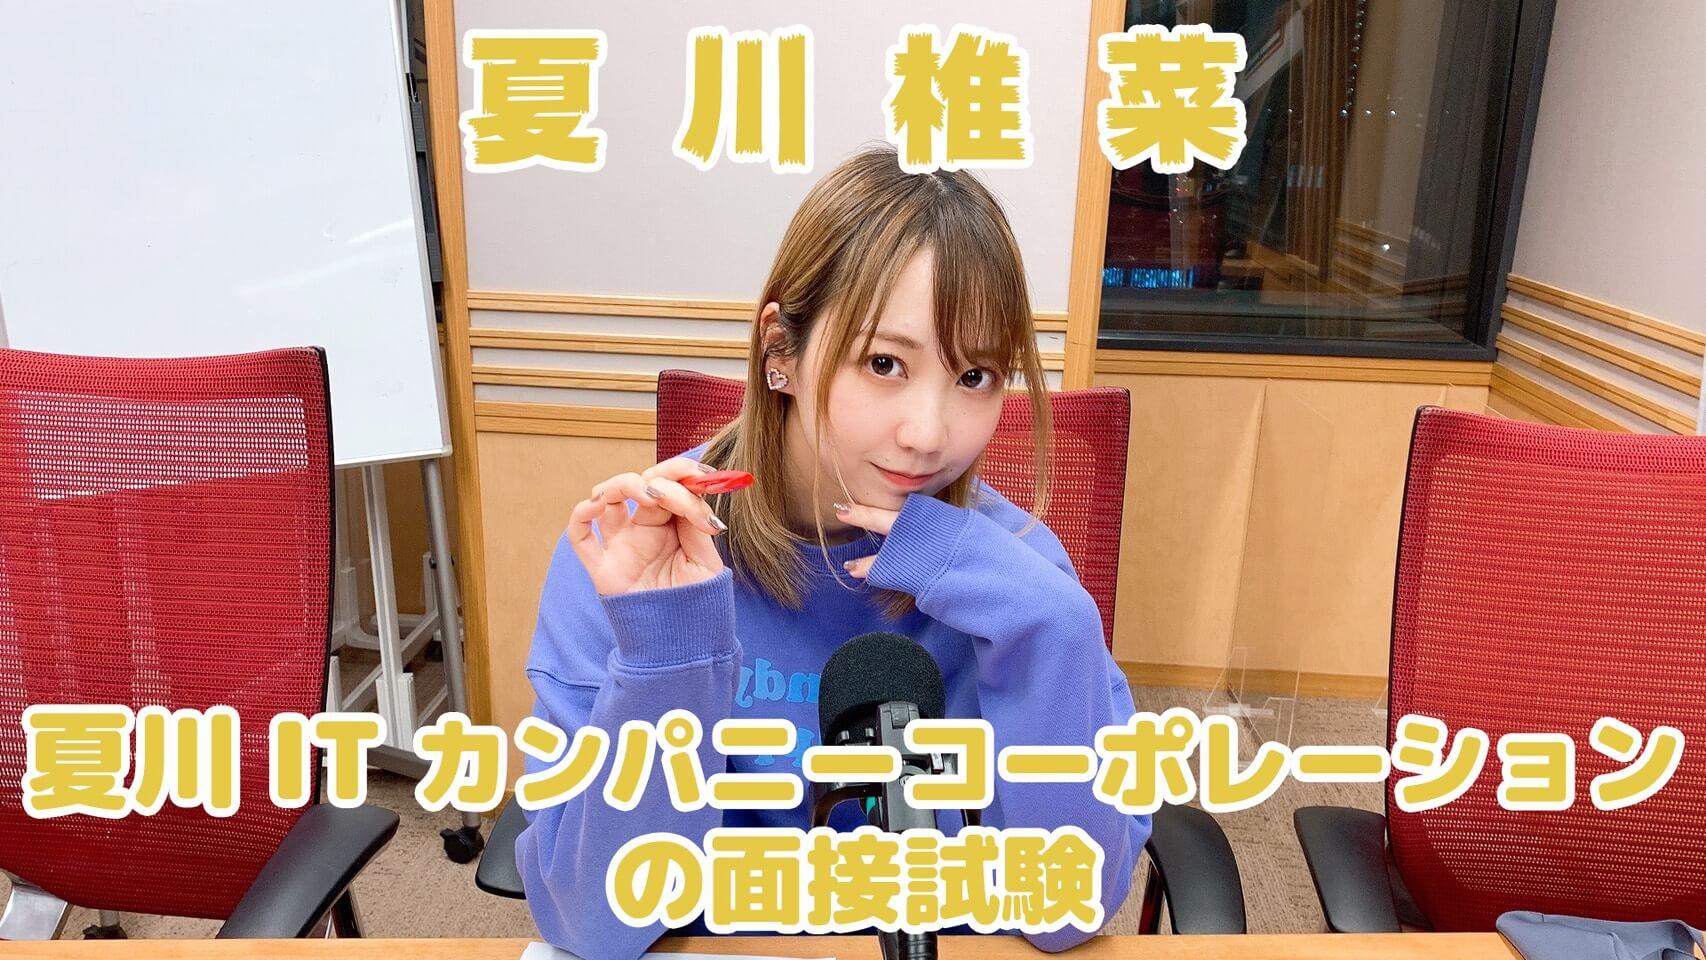 【夏川椎菜】夏川ITカンパニーコーポレーションの面接試験